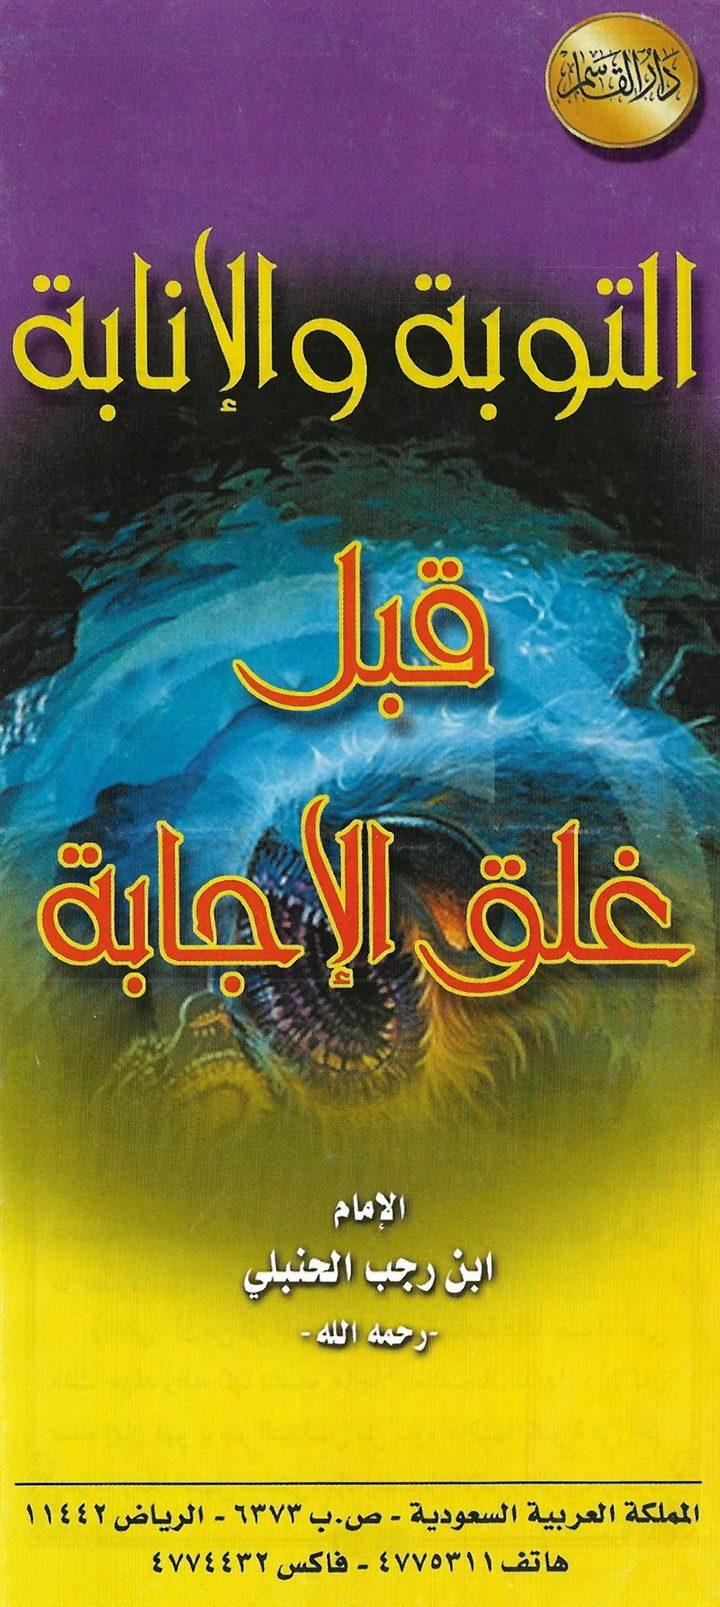 التوبة والإنابة قبل غلق الإجابة (ابن رجب الحنبلي – دار القاسم)